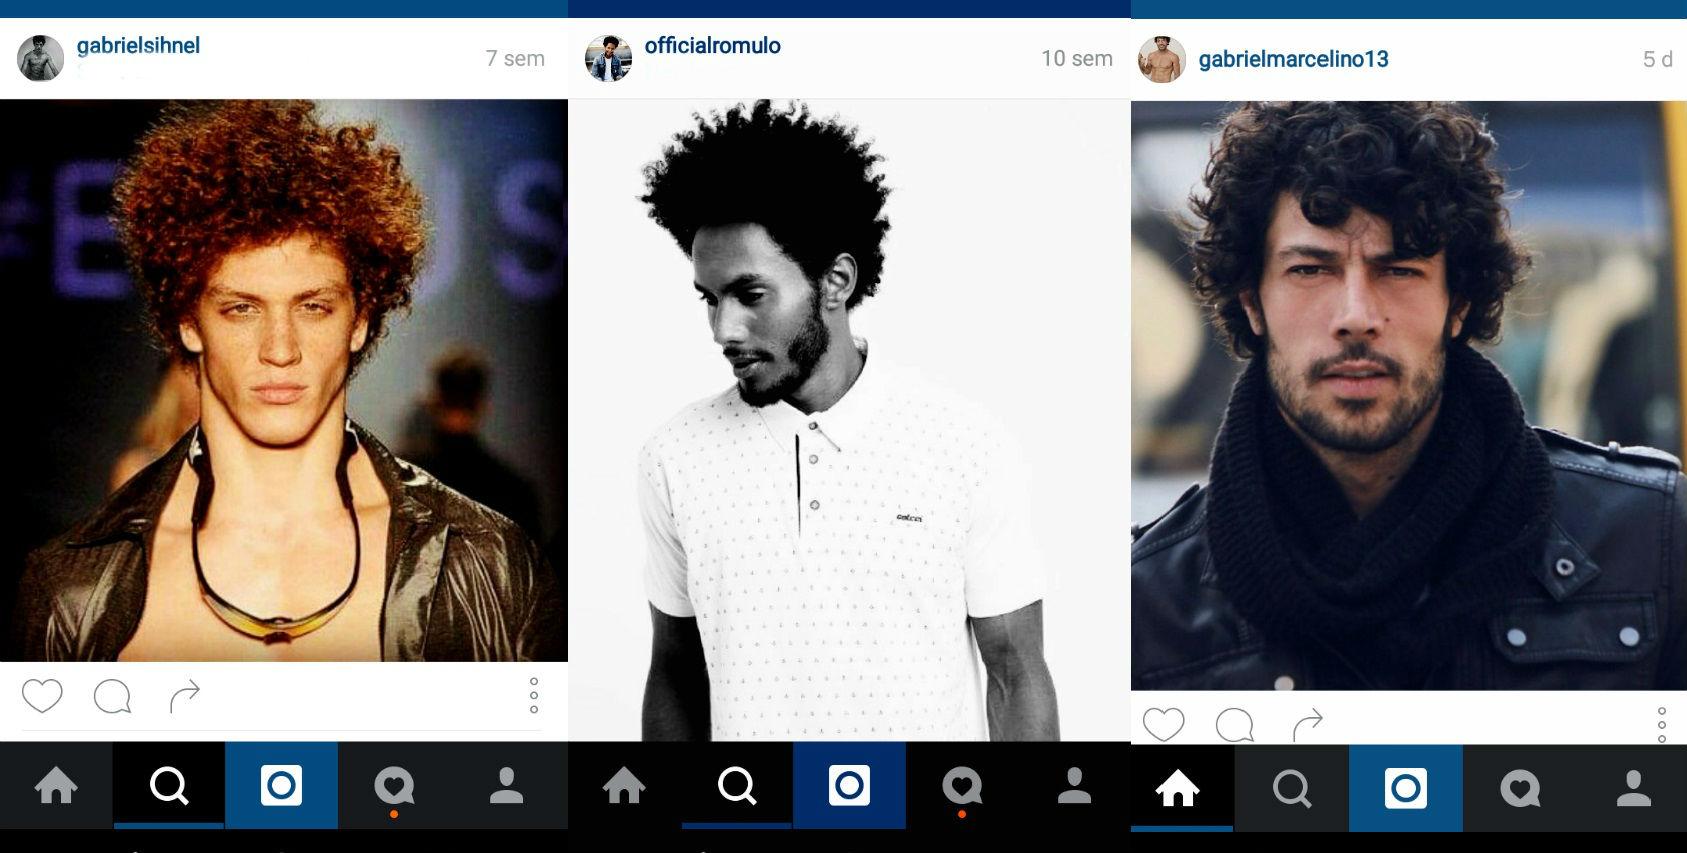 Homem No Espelho - cabelos do Instagram 5.